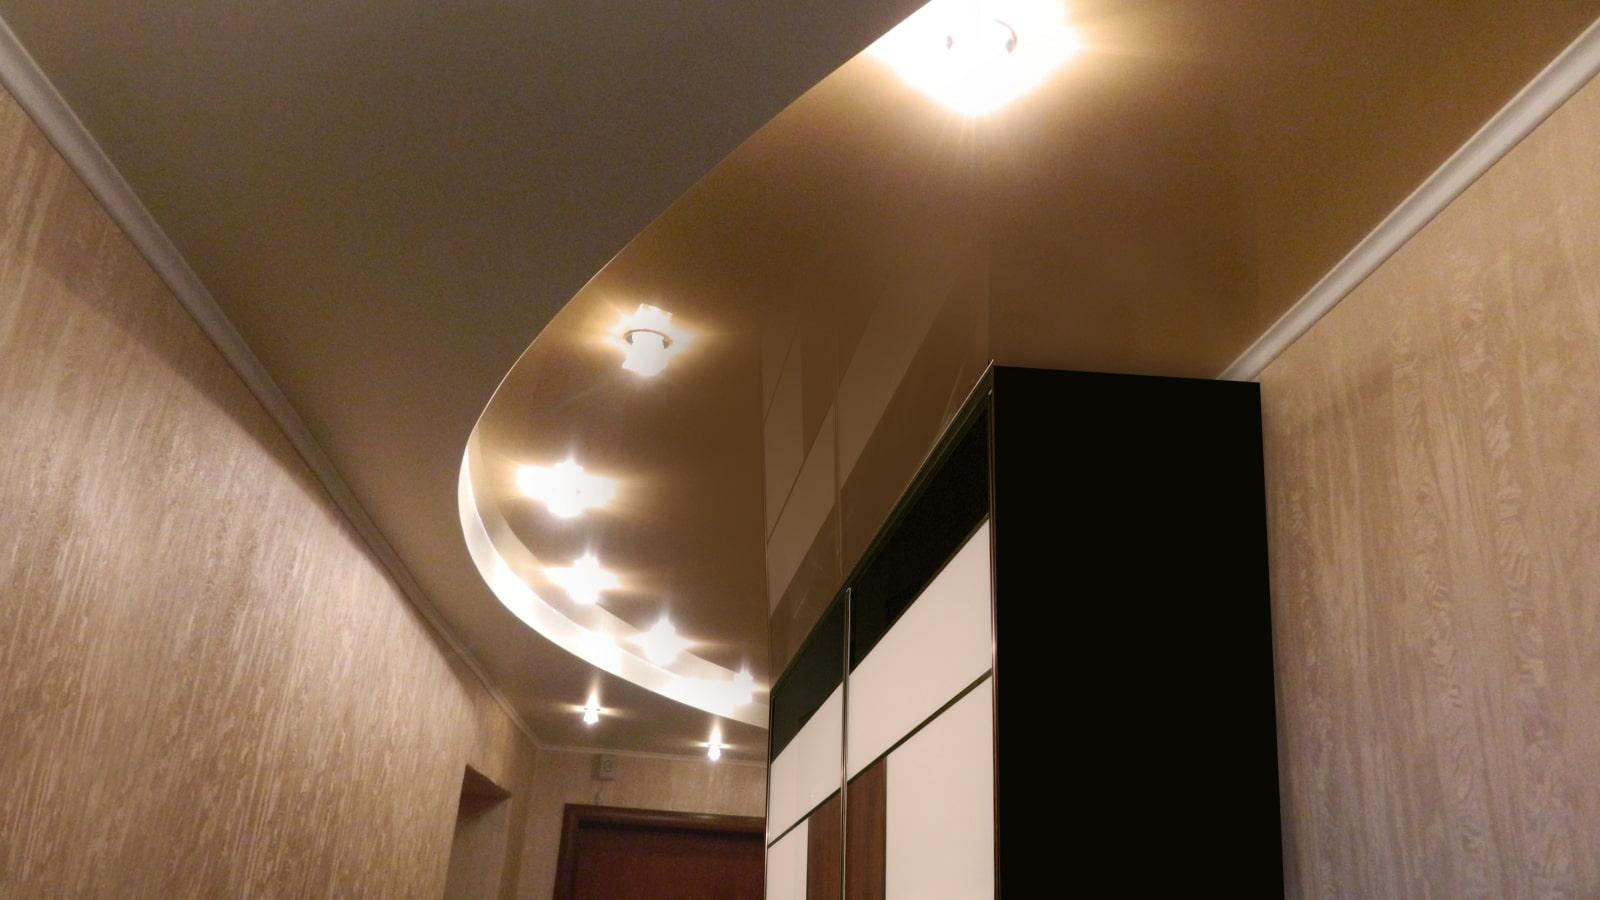 plafond suspendu à l'intérieur du couloir